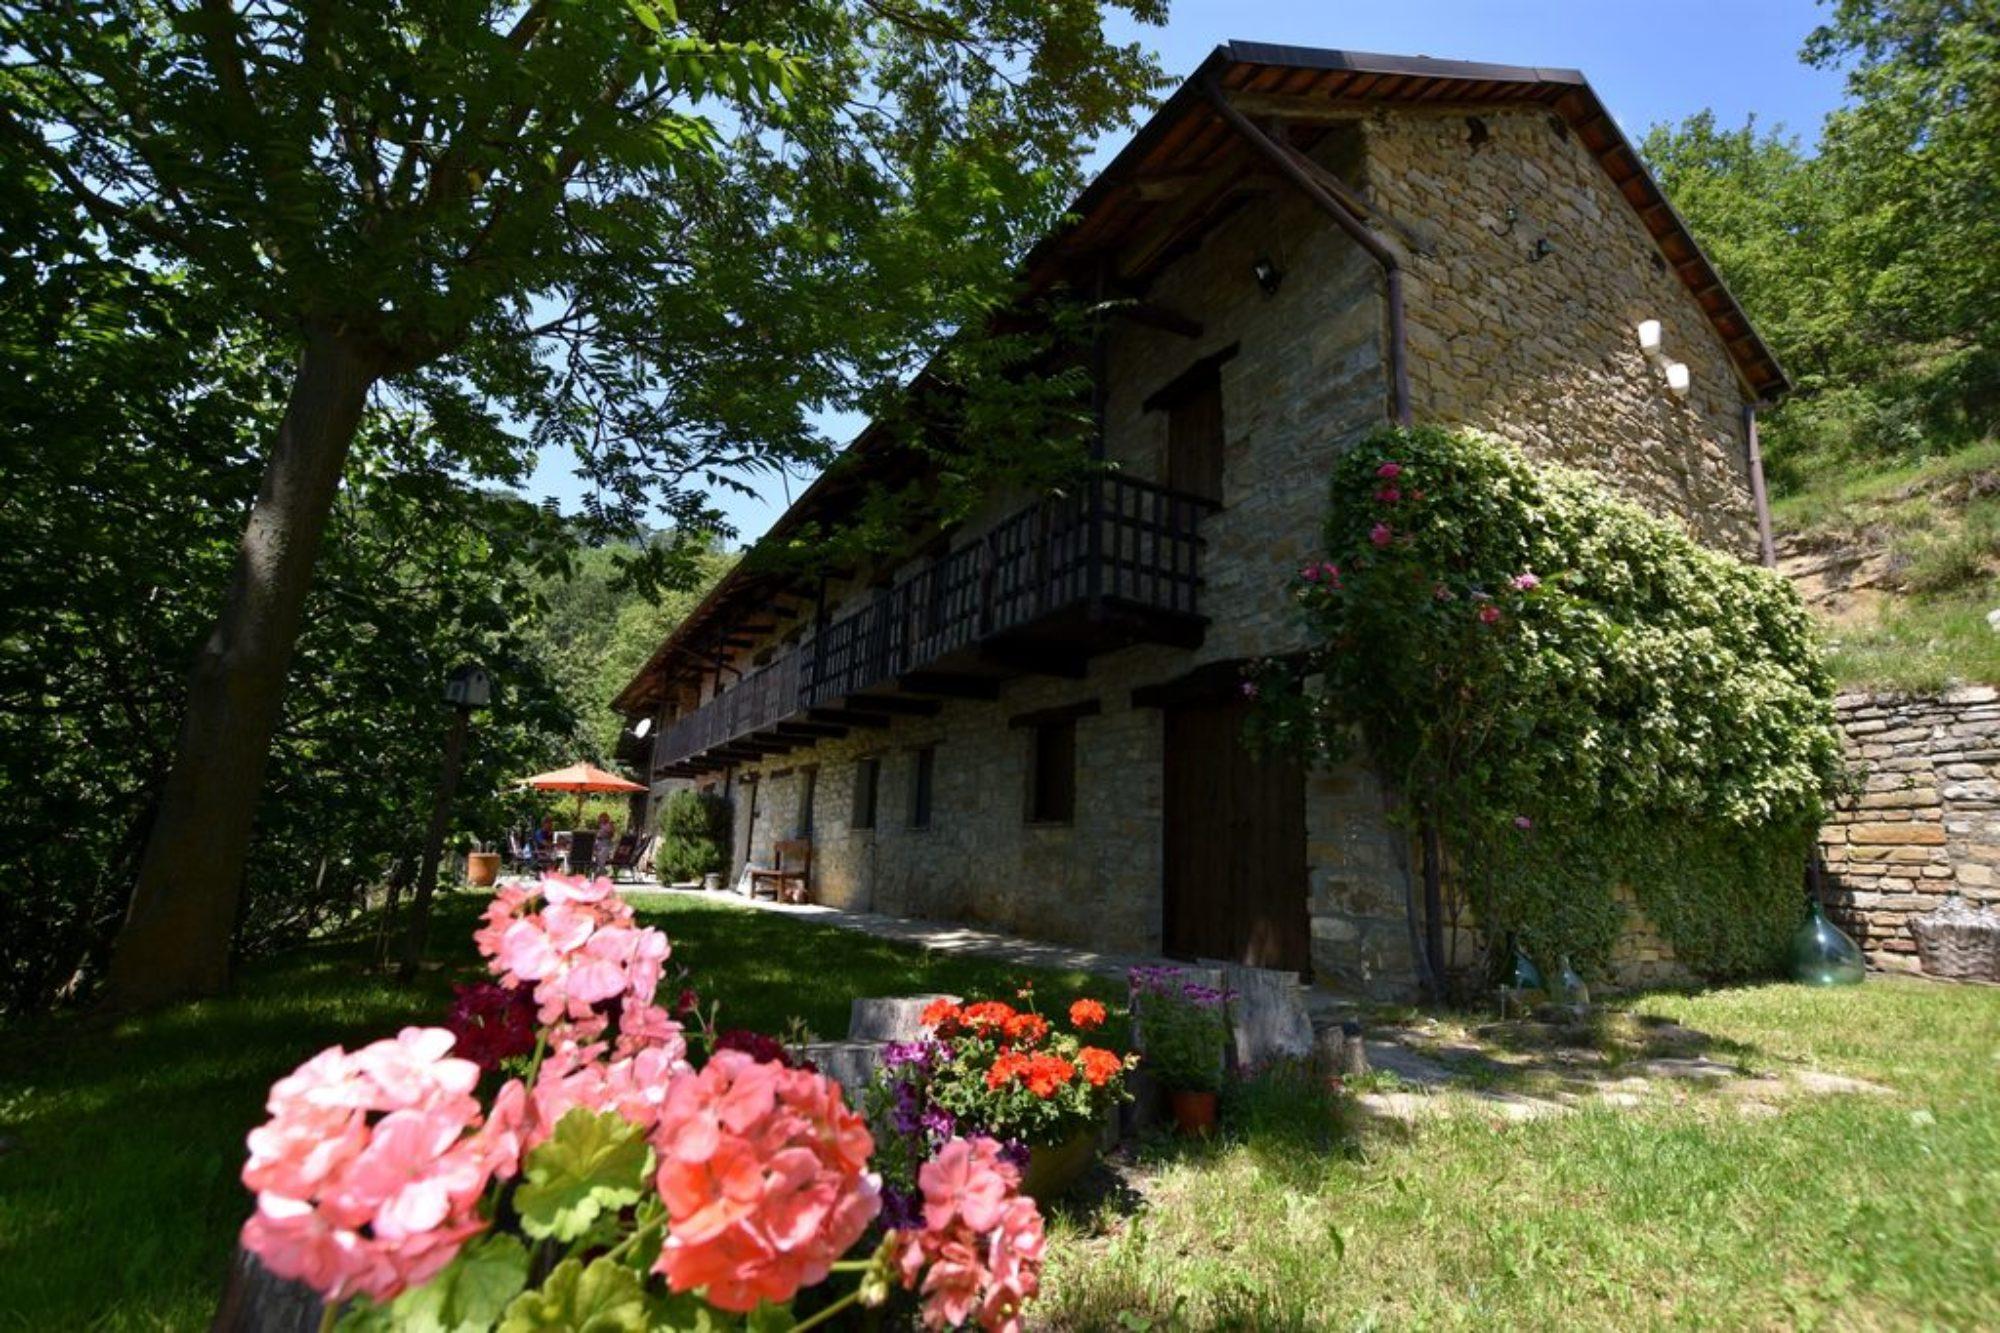 Mijn Italië - Casa bricchetto